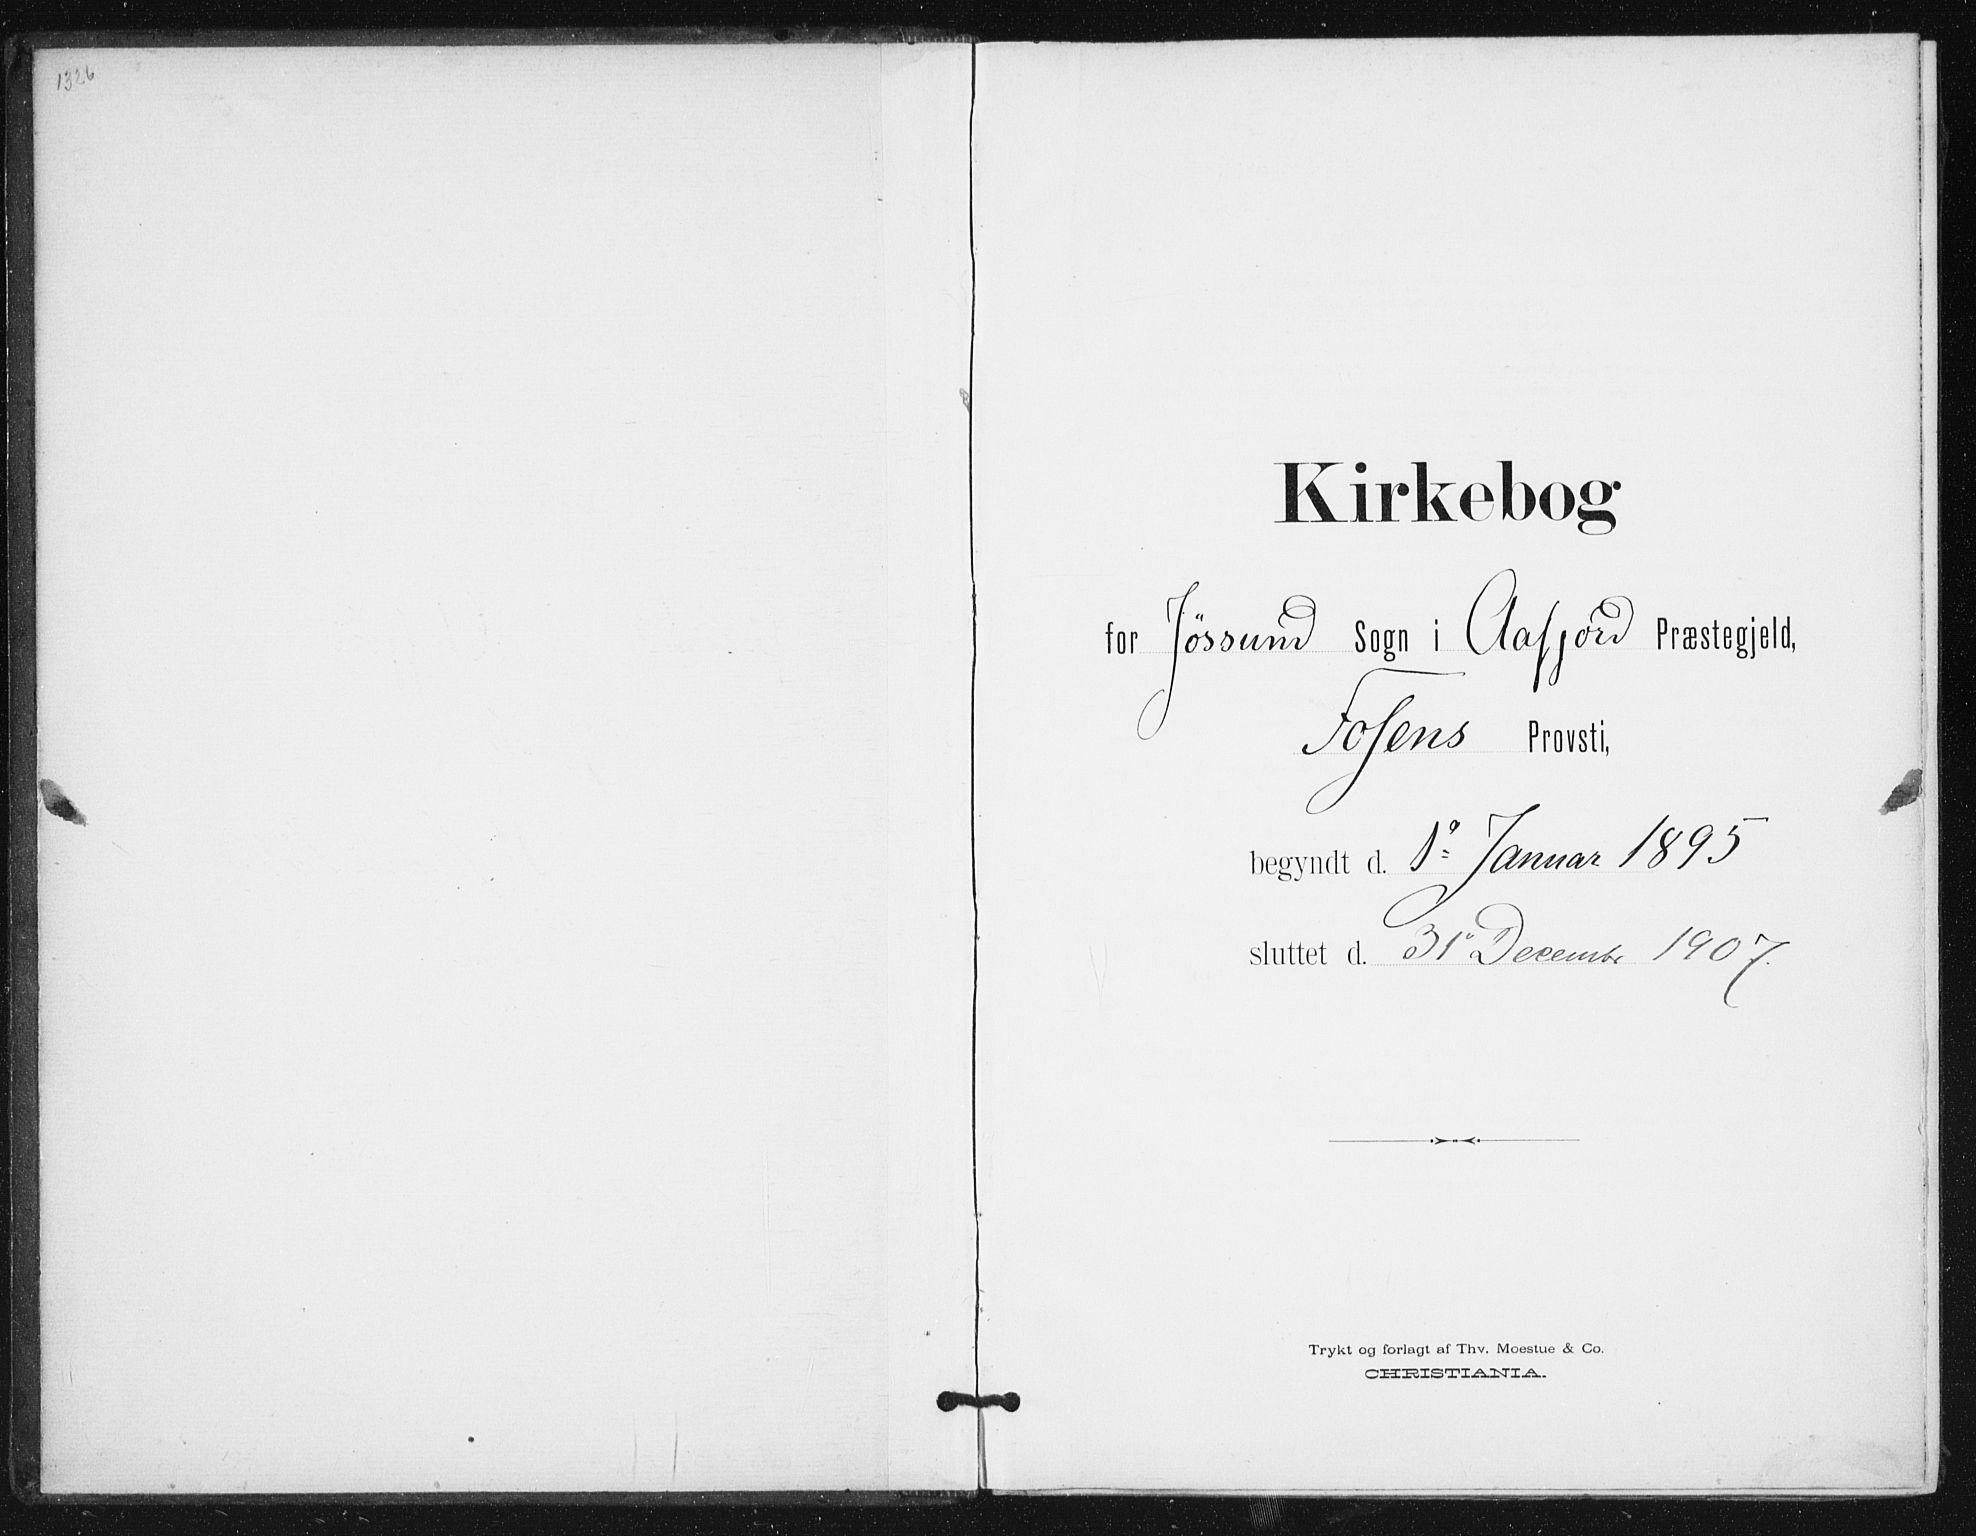 SAT, Ministerialprotokoller, klokkerbøker og fødselsregistre - Sør-Trøndelag, 654/L0664: Ministerialbok nr. 654A02, 1895-1907